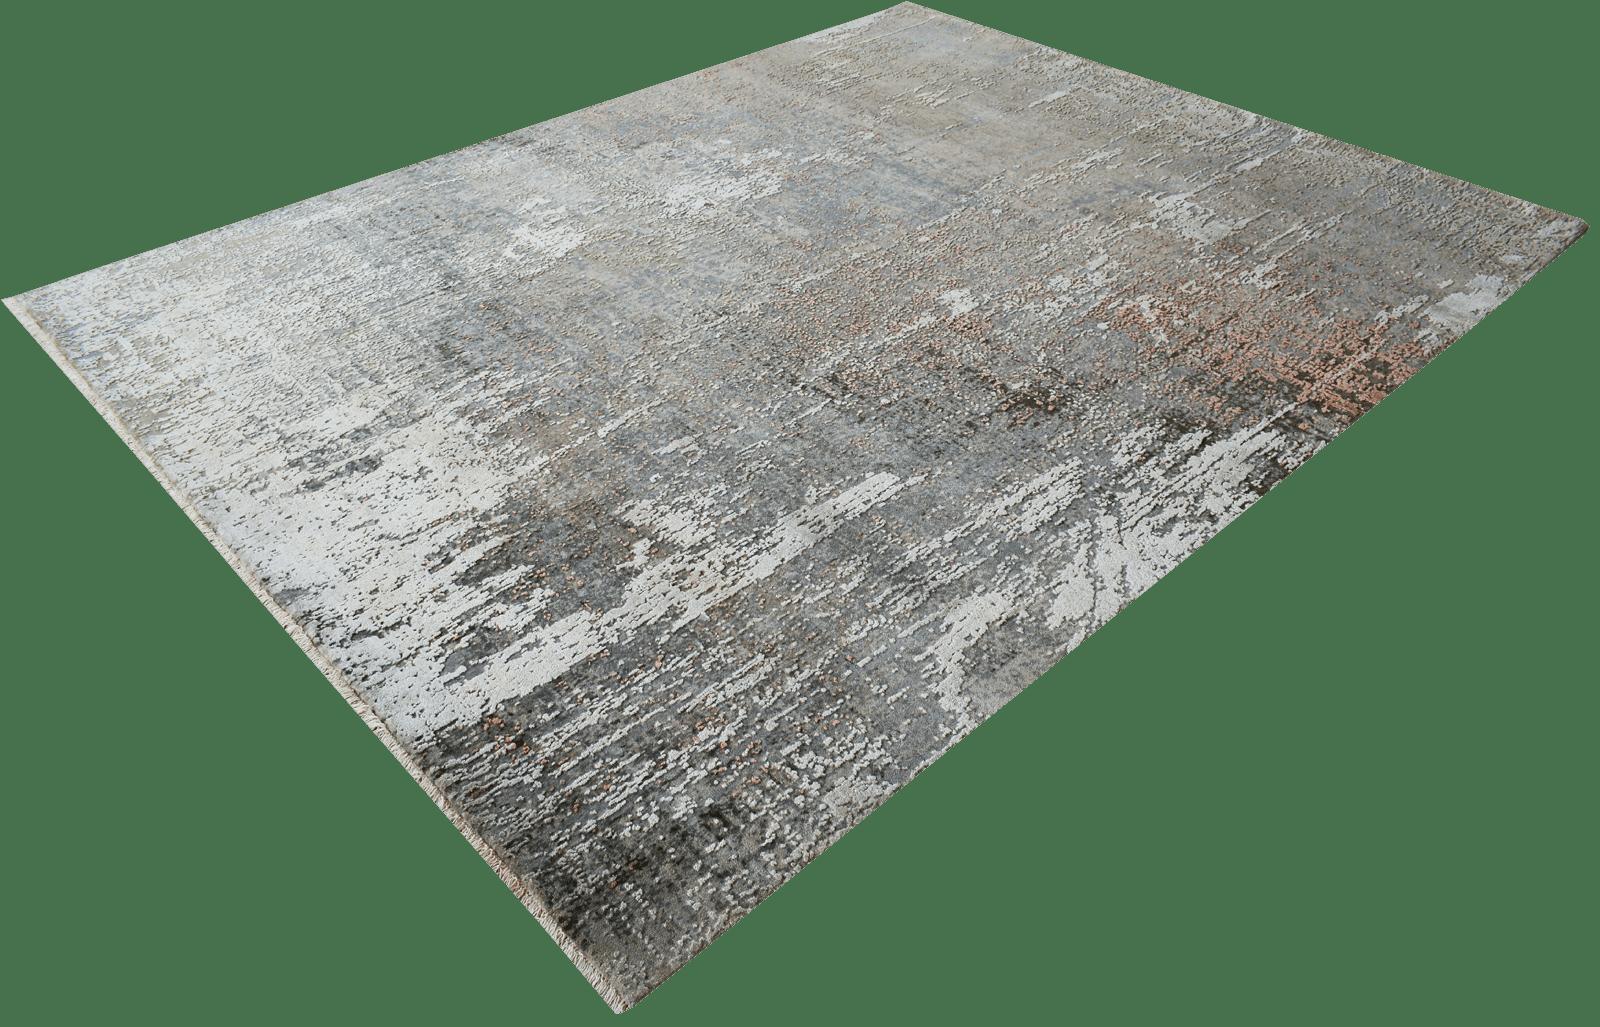 avant-garde-twilight-space-grey-design-tapijt-luxe-moderne-exclusieve-design-tapijten-luxe-vloerkleden-zijde-haute-couture-koreman-maastricht